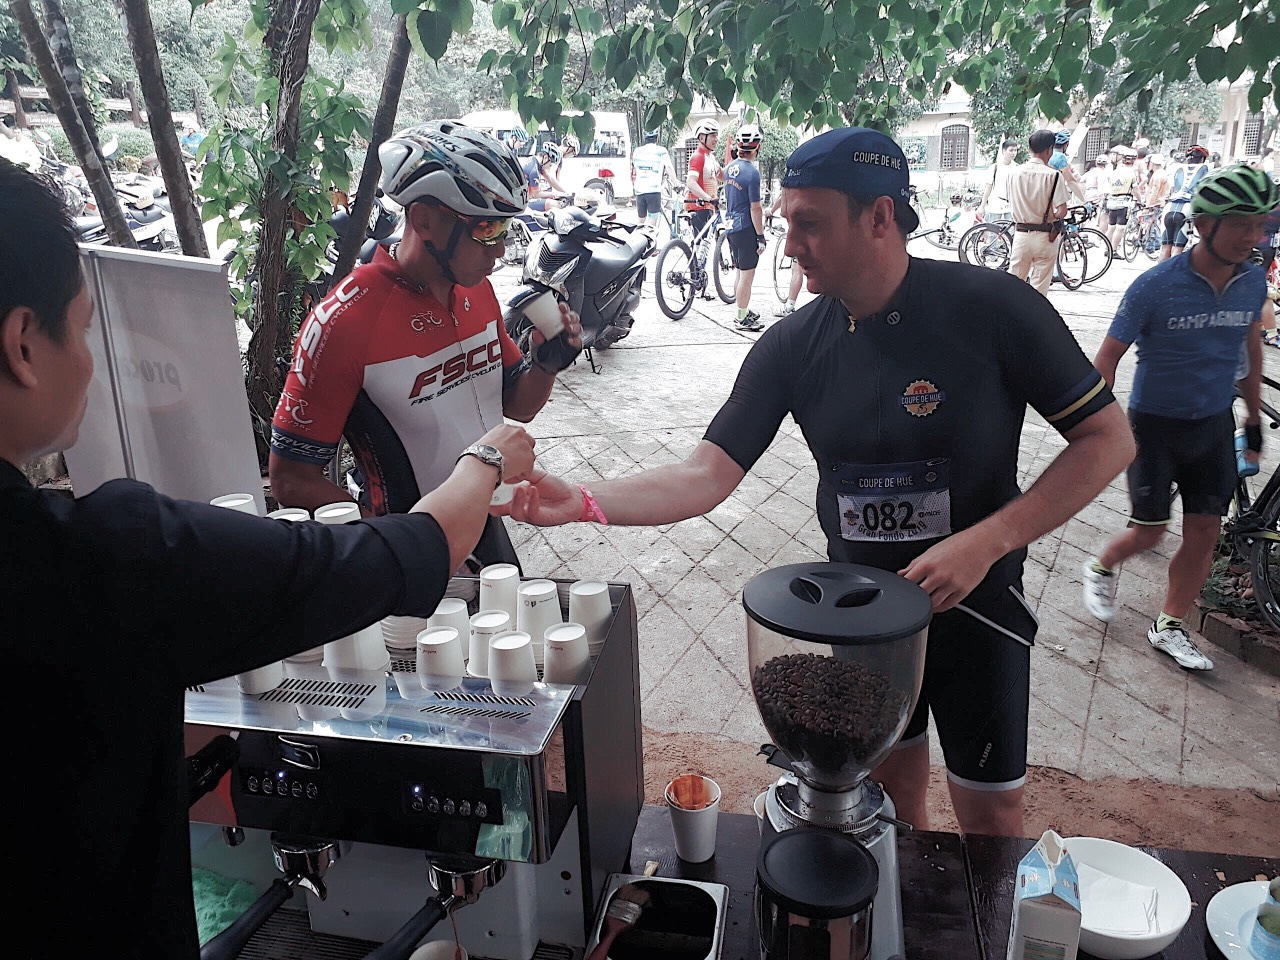 Cùng Procaffe chinh phục đam mê tại giải đua xe đạp Coup de Hue